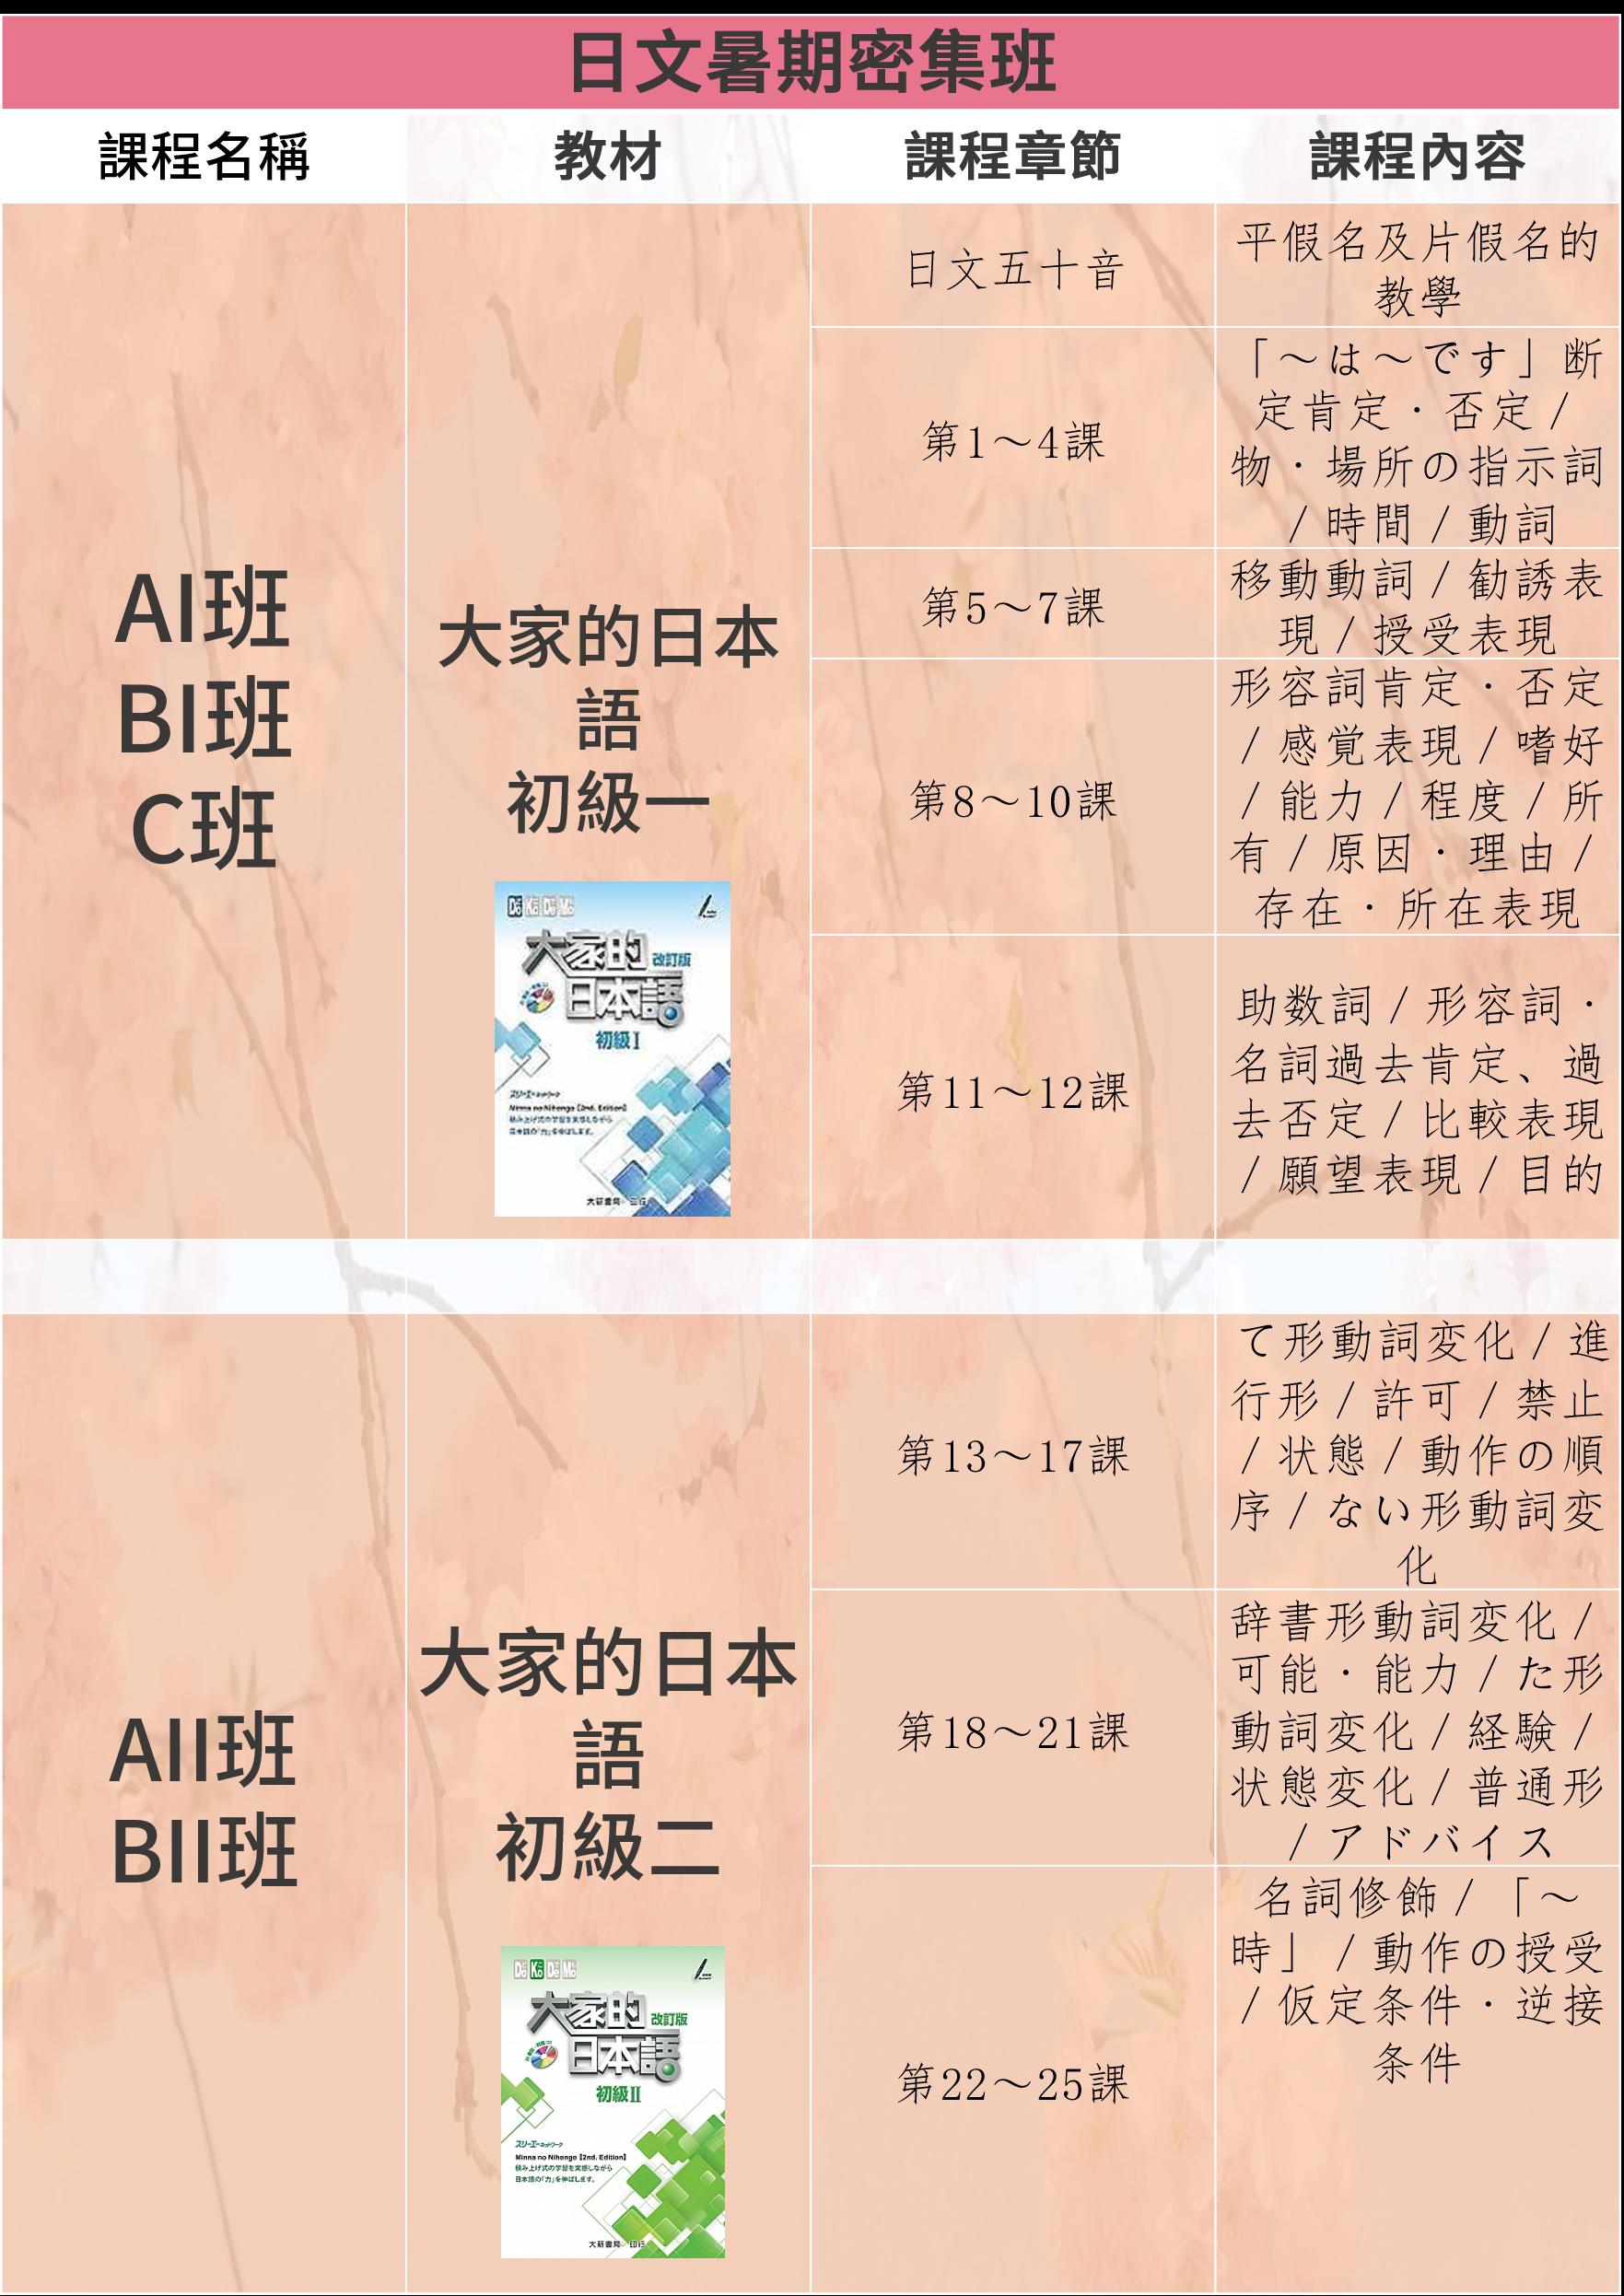 日文暑期速成補習班,使用的教材是大家日本語,四周密集訓練的上課大綱